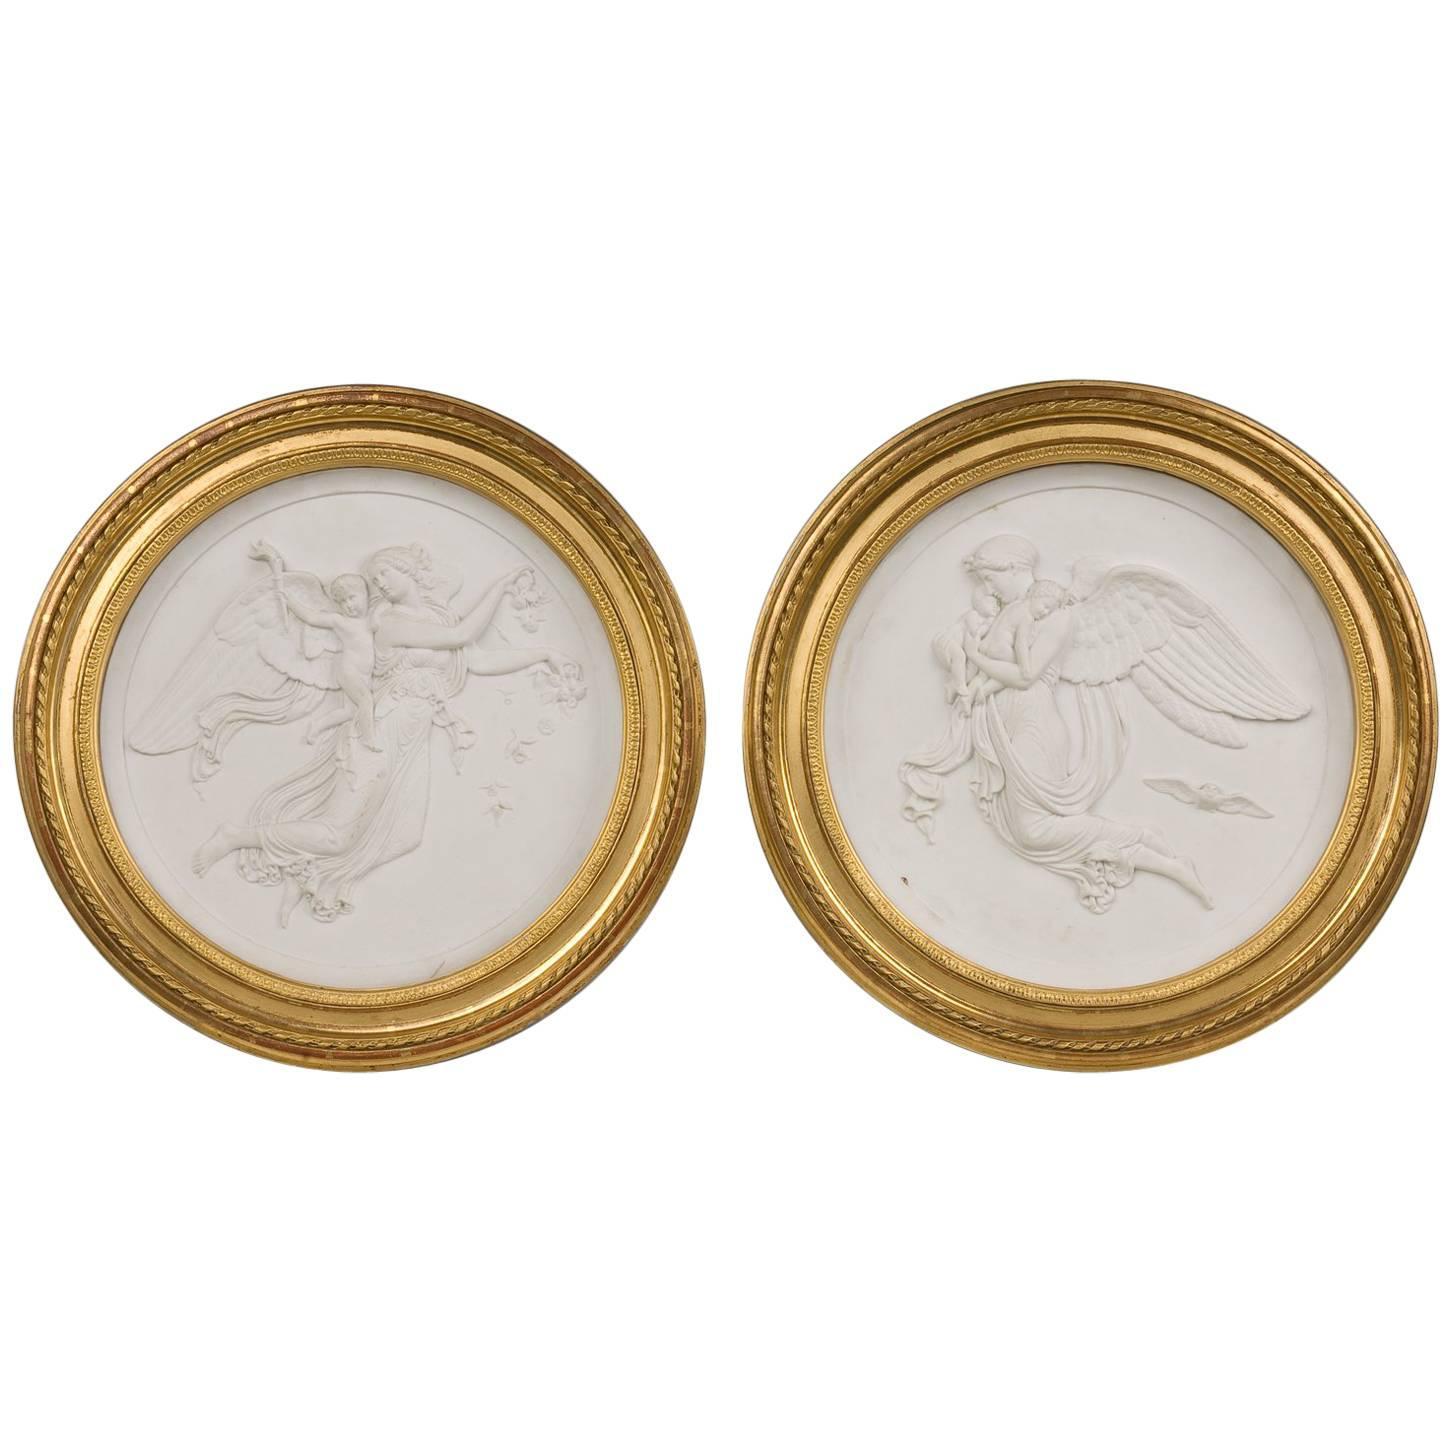 Antique Biscuit Medallions, 19th Century